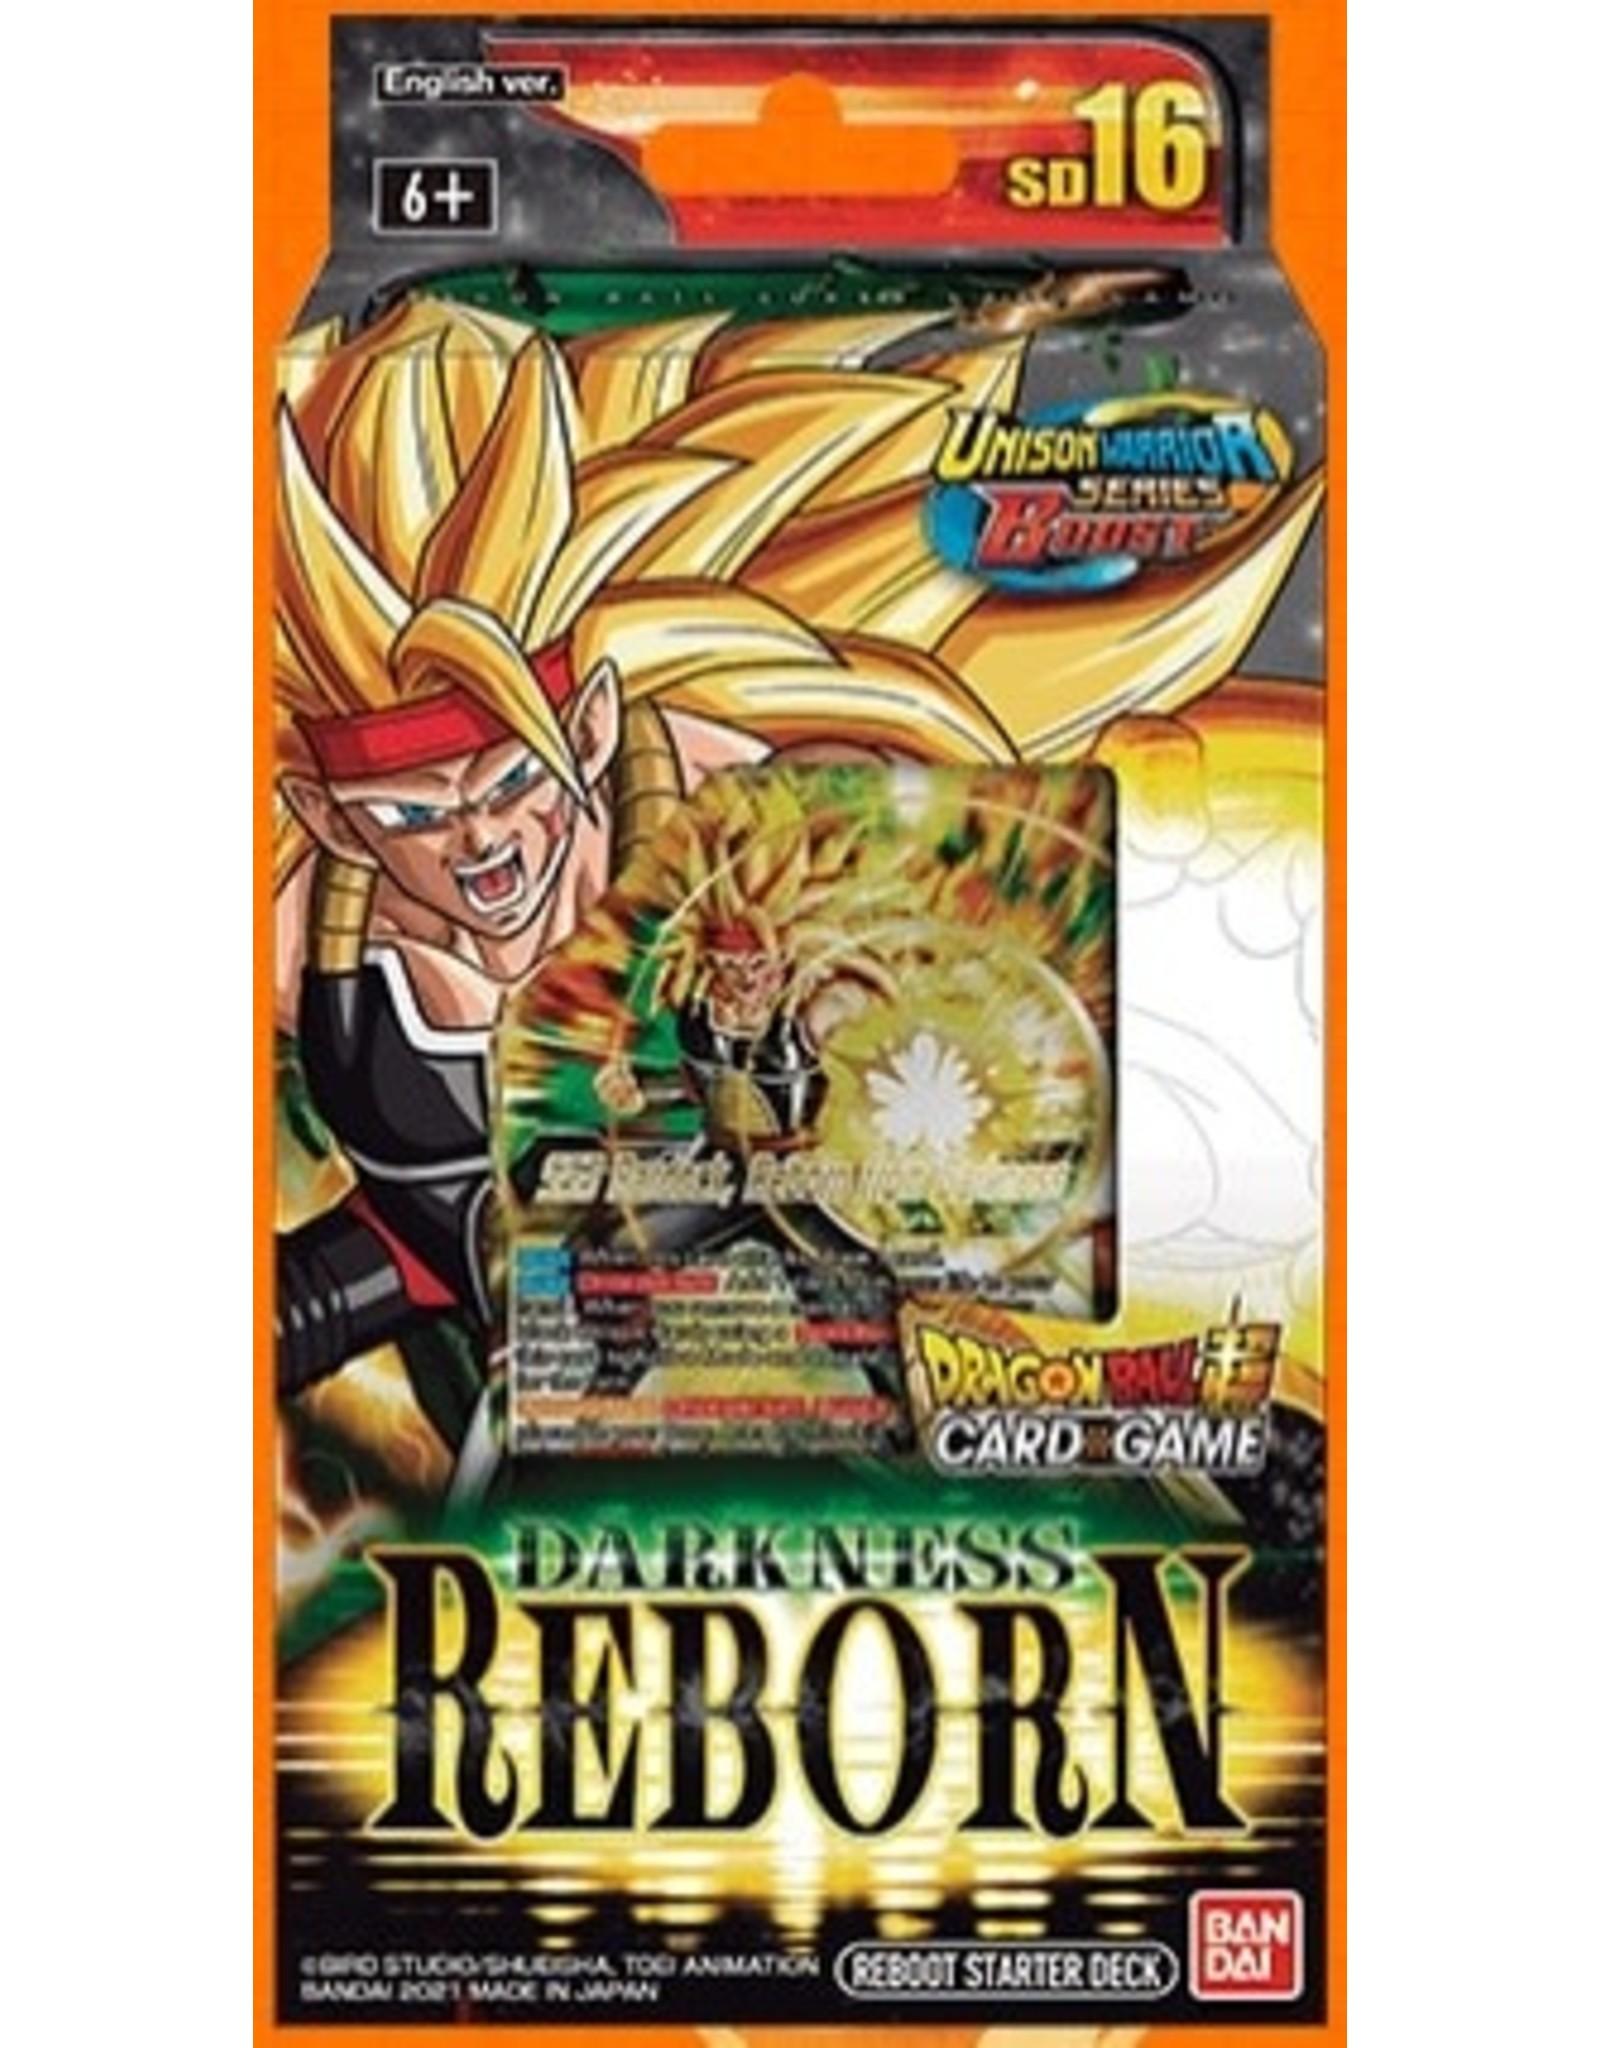 Bandai DBS Unison Warrior 14 - Darkness Reborn Starter Deck